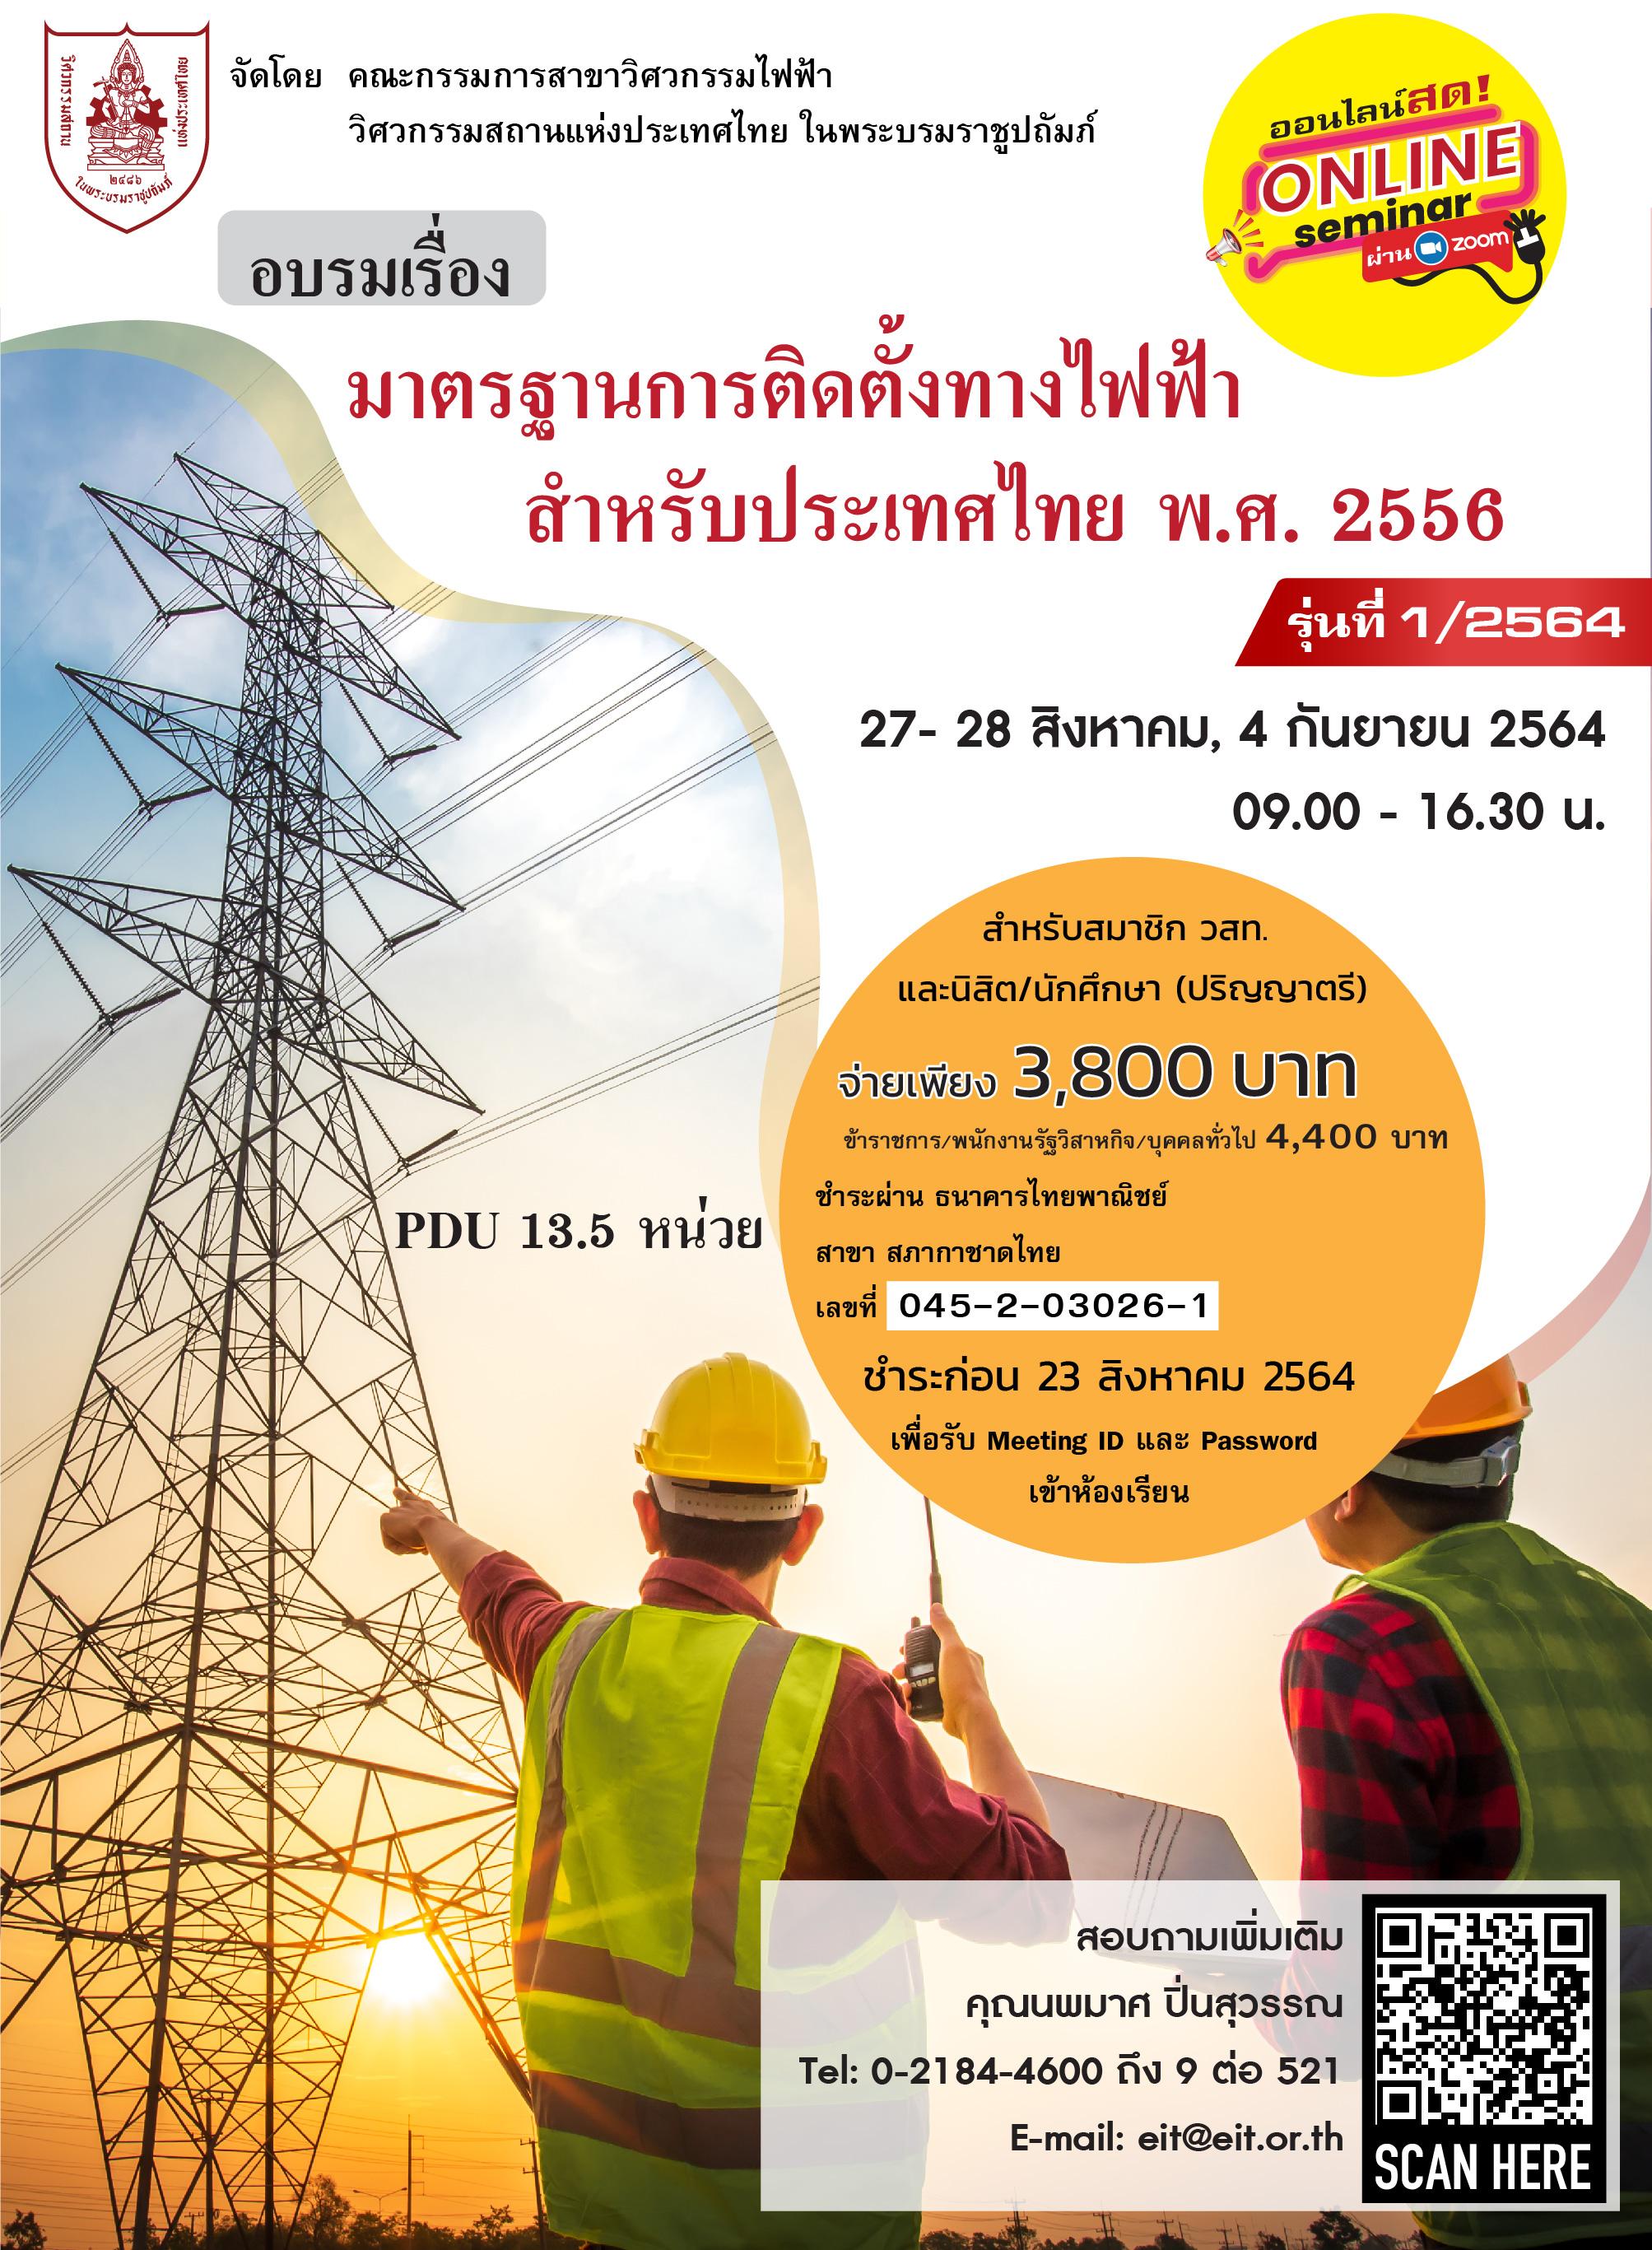 27-28/8, 4/9/2564มาตรฐานการติดตั้งทางไฟฟ้าสำหรับประเทศไทย พ.ศ. 2556  รุ่นที่ 1/2564)  ** เปลี่ยนเป็นออนไลน์